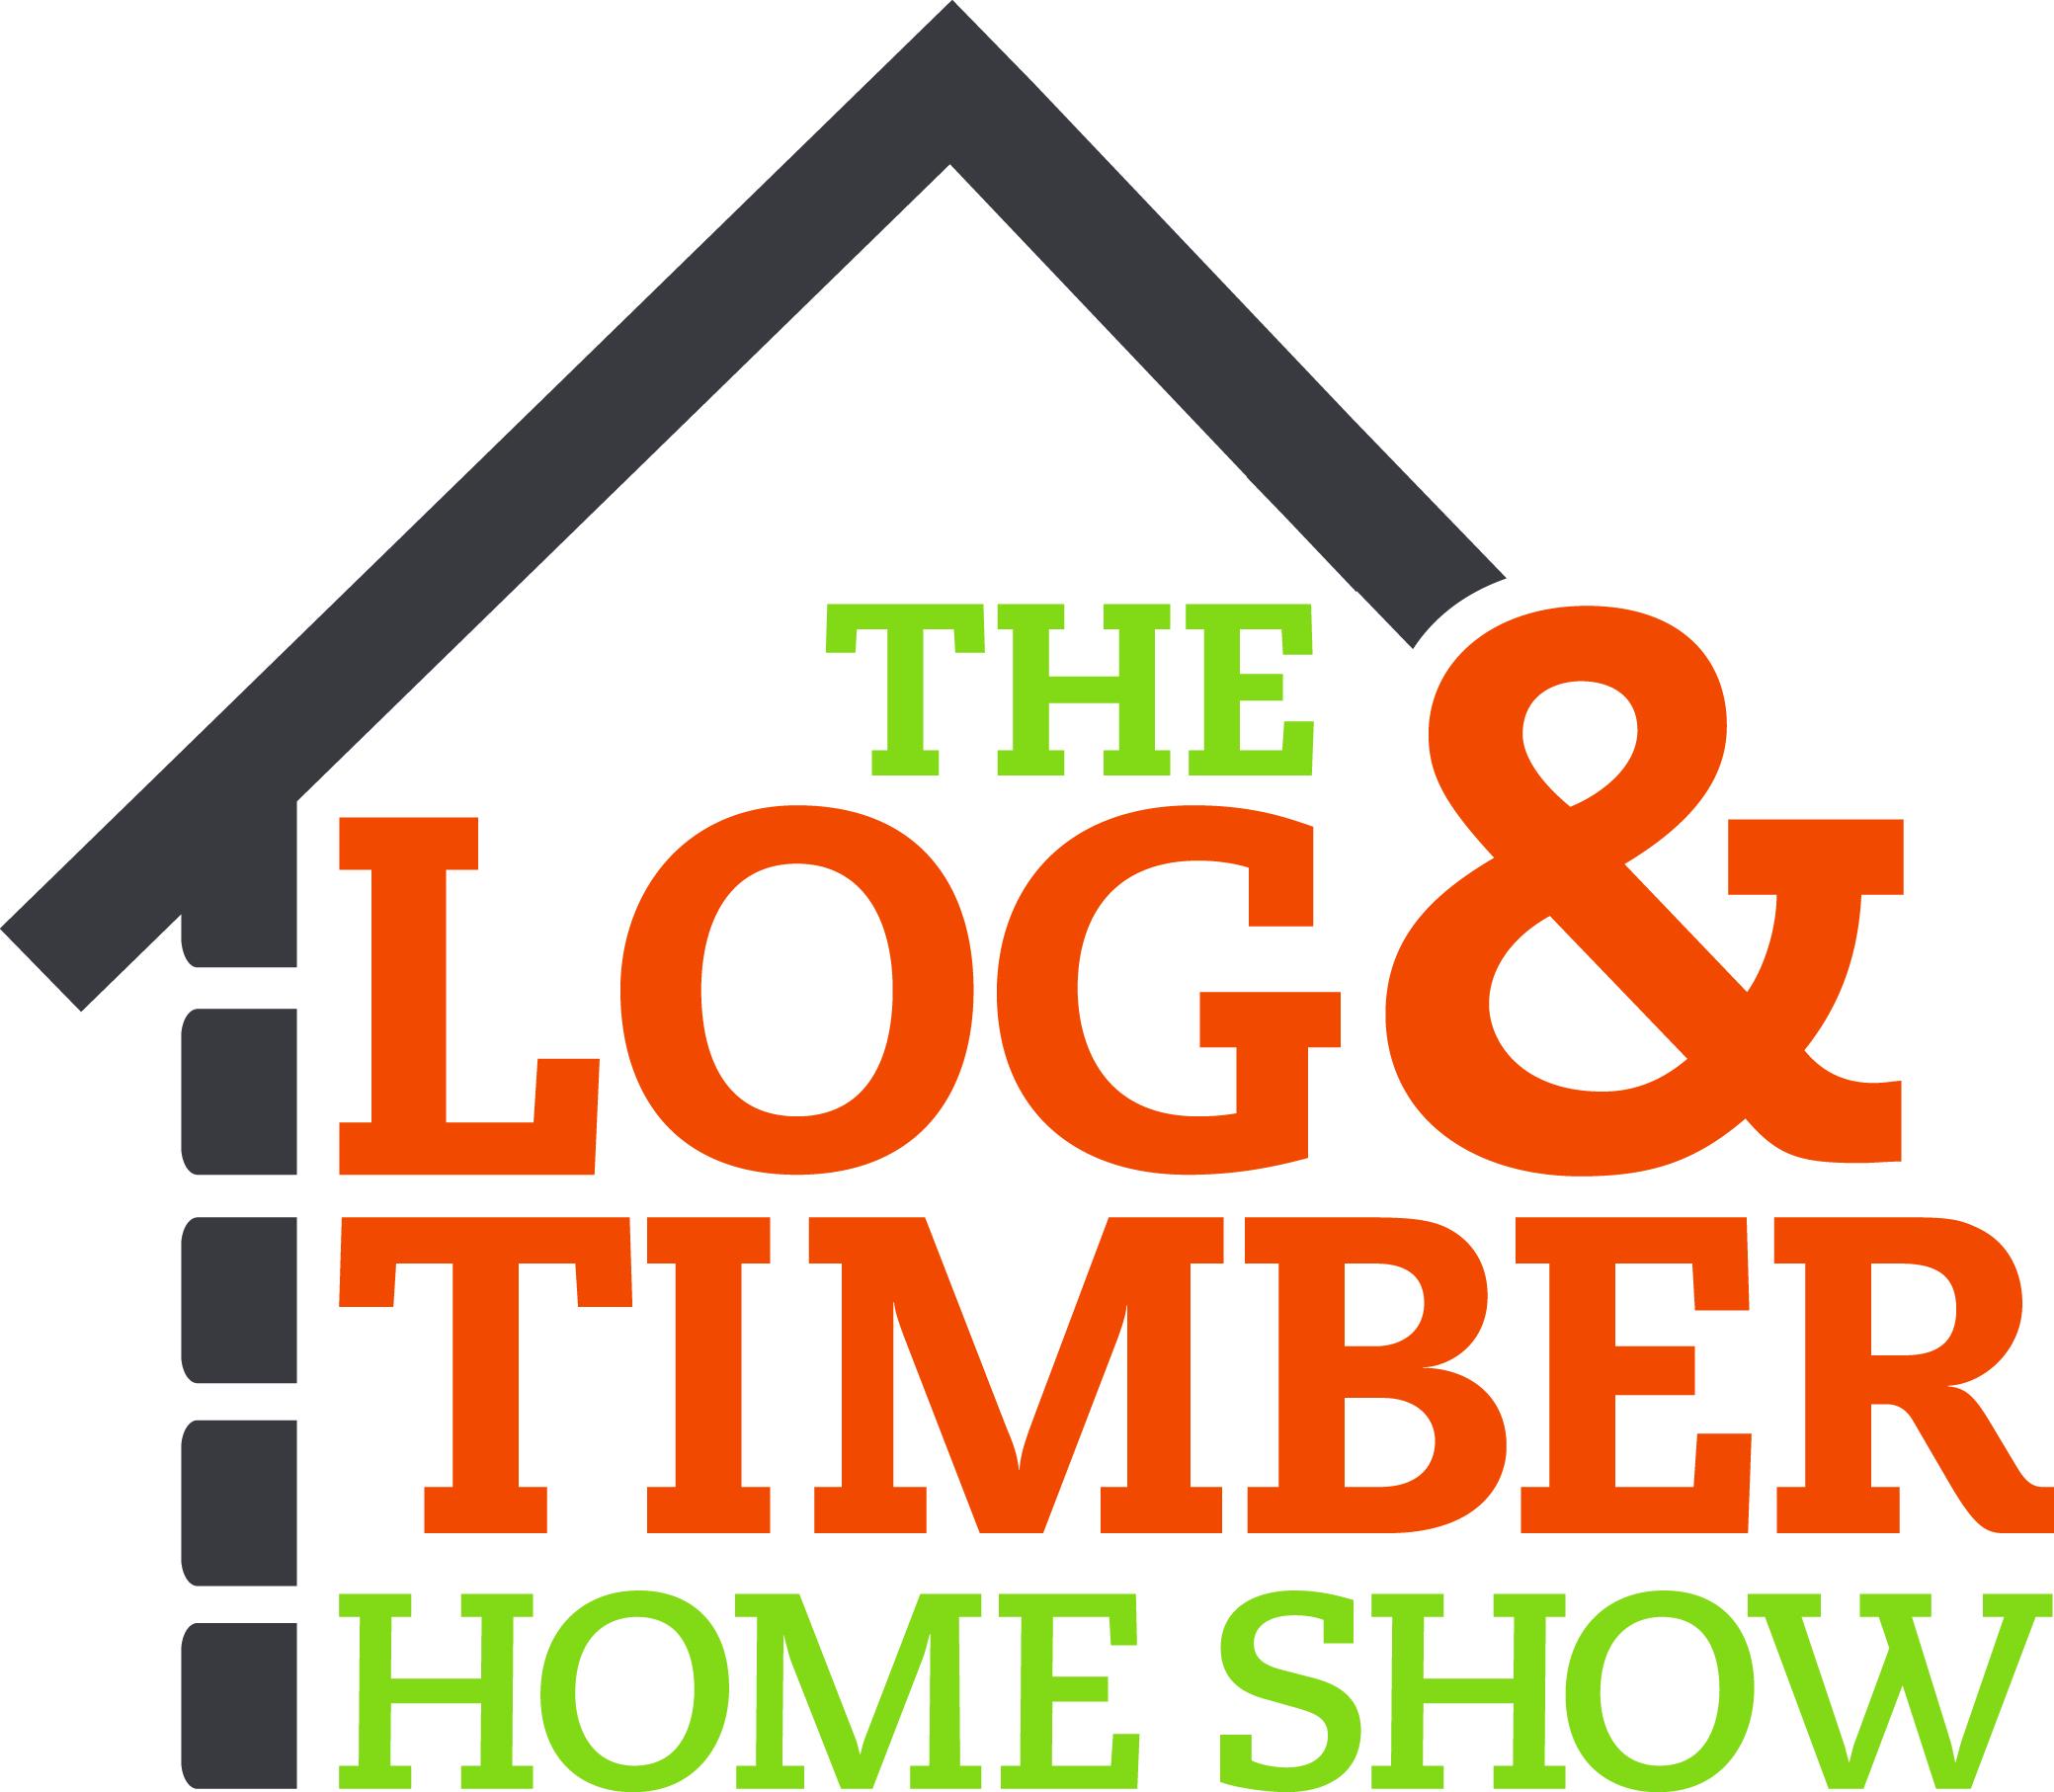 Log & Timber Home Show logo.